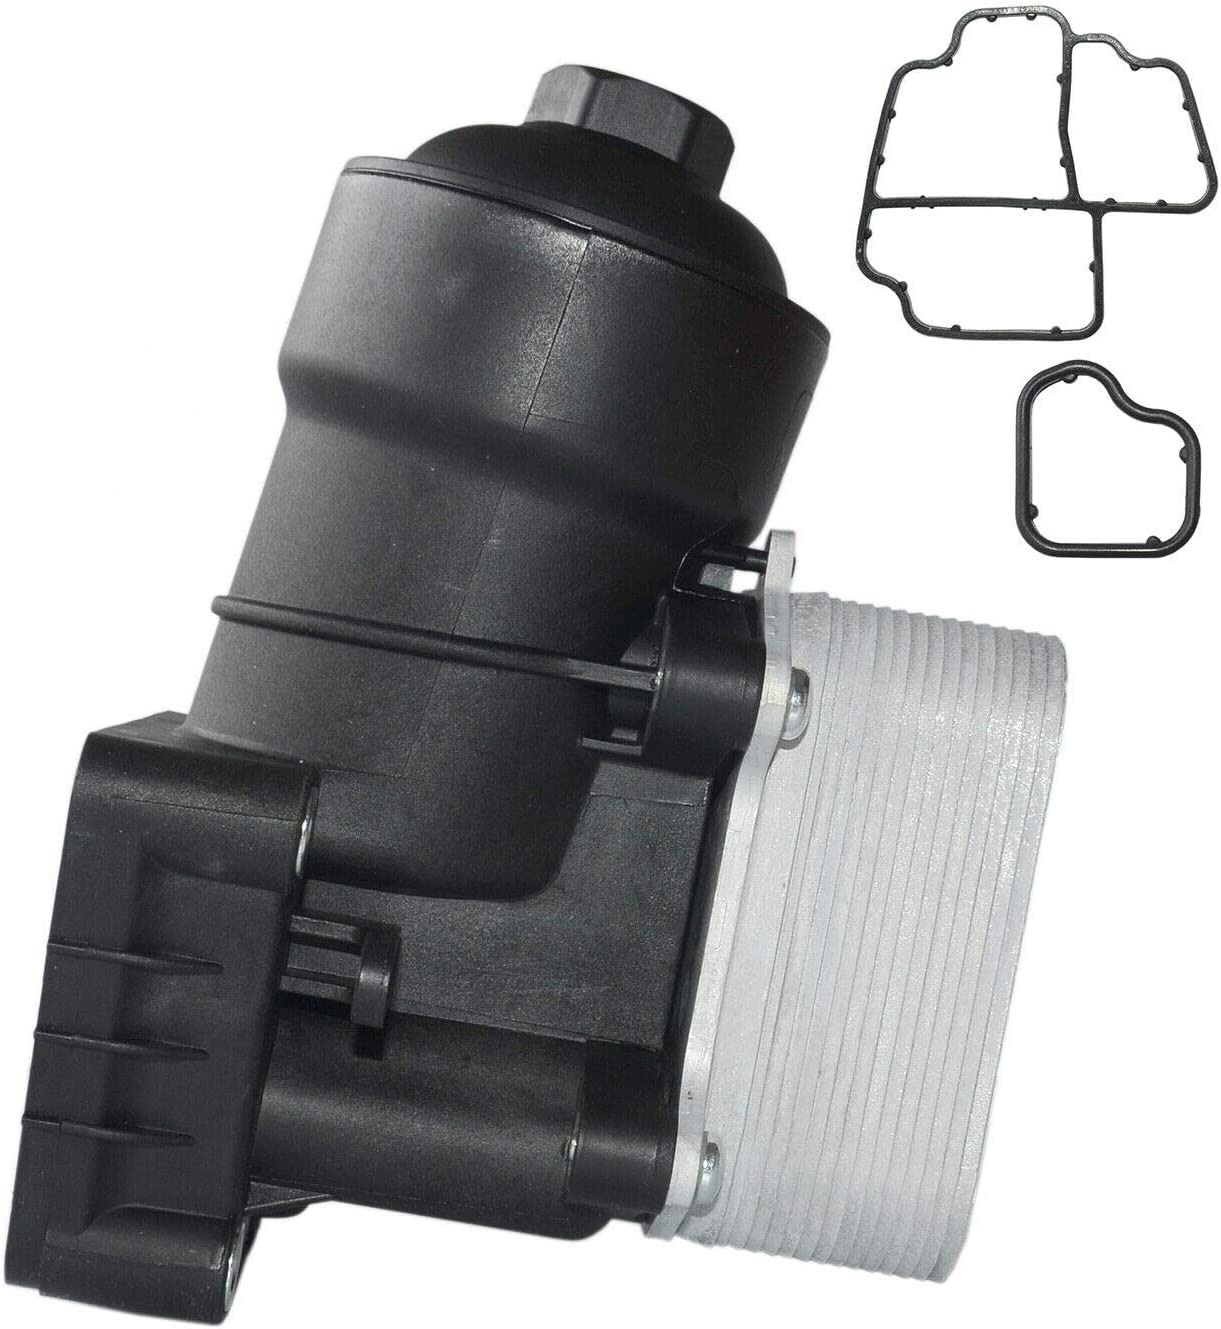 03L115389C 03L115389B - Carcasa para filtro de aceite: Amazon.es: Coche y moto